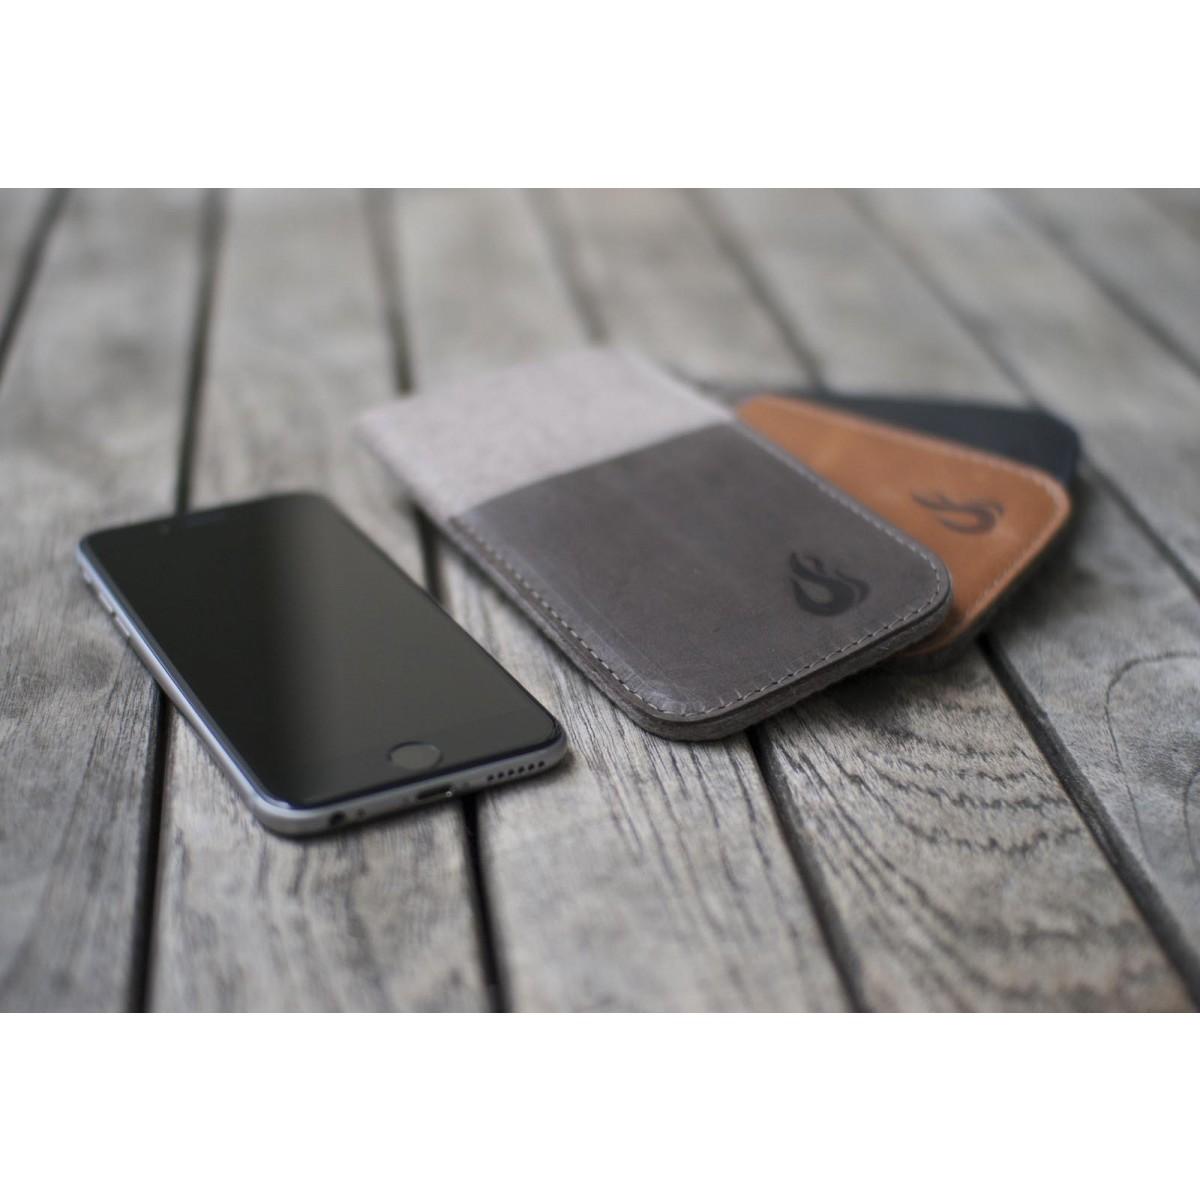 Hülle für iPhone X mit Visitenkartenfach - indigo/cognac (Filz und Leder) - Burning Love